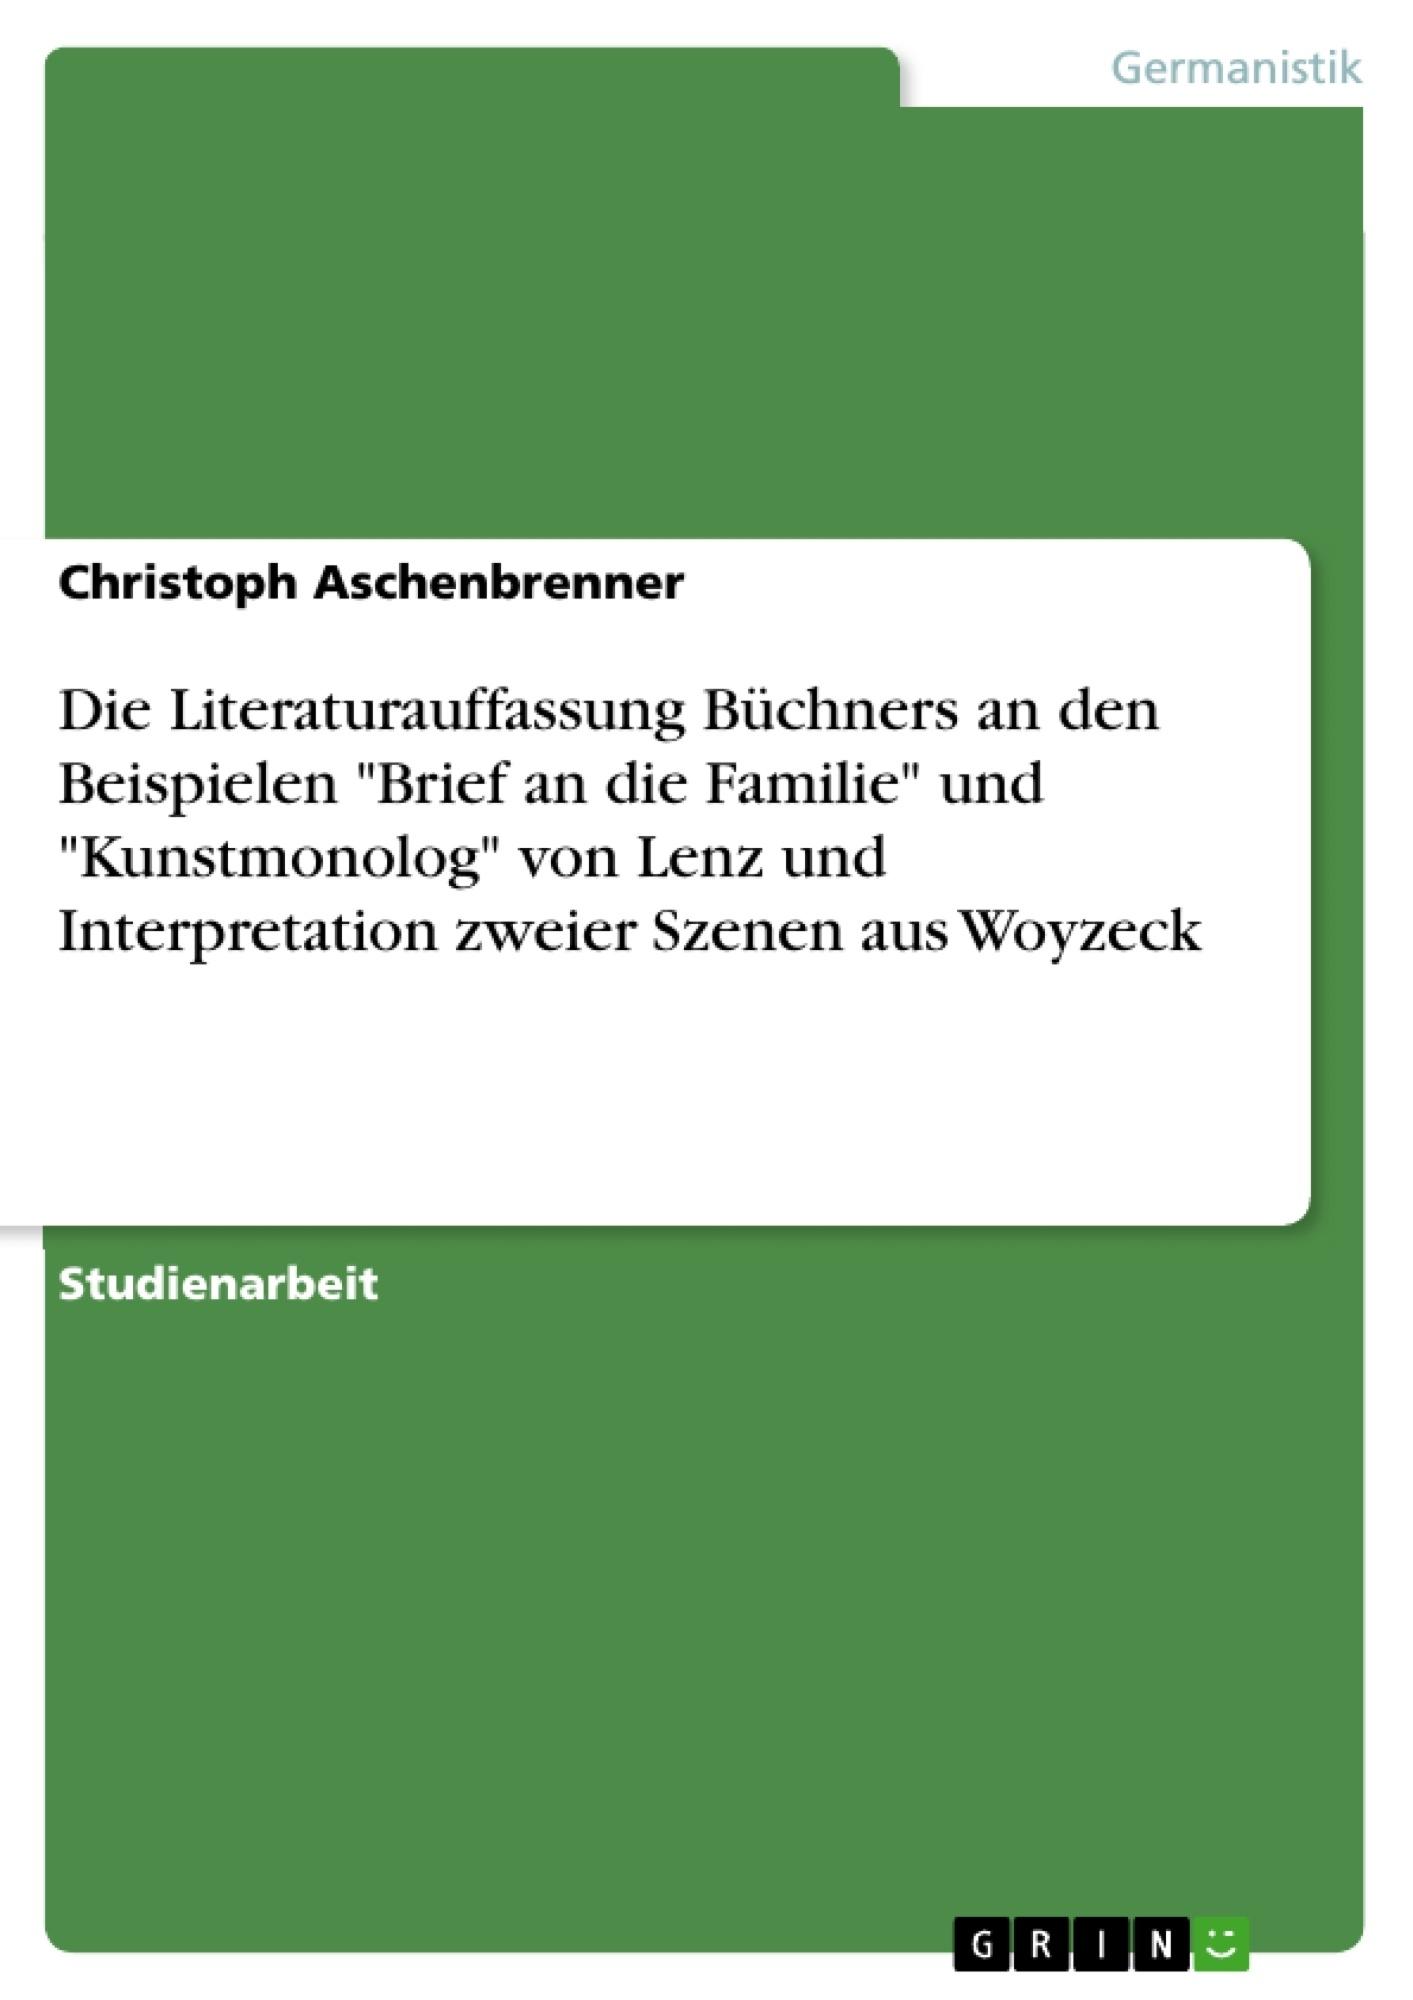 """Titel: Die Literaturauffassung Büchners an den Beispielen """"Brief an die Familie"""" und """"Kunstmonolog"""" von Lenz und Interpretation zweier Szenen aus Woyzeck"""